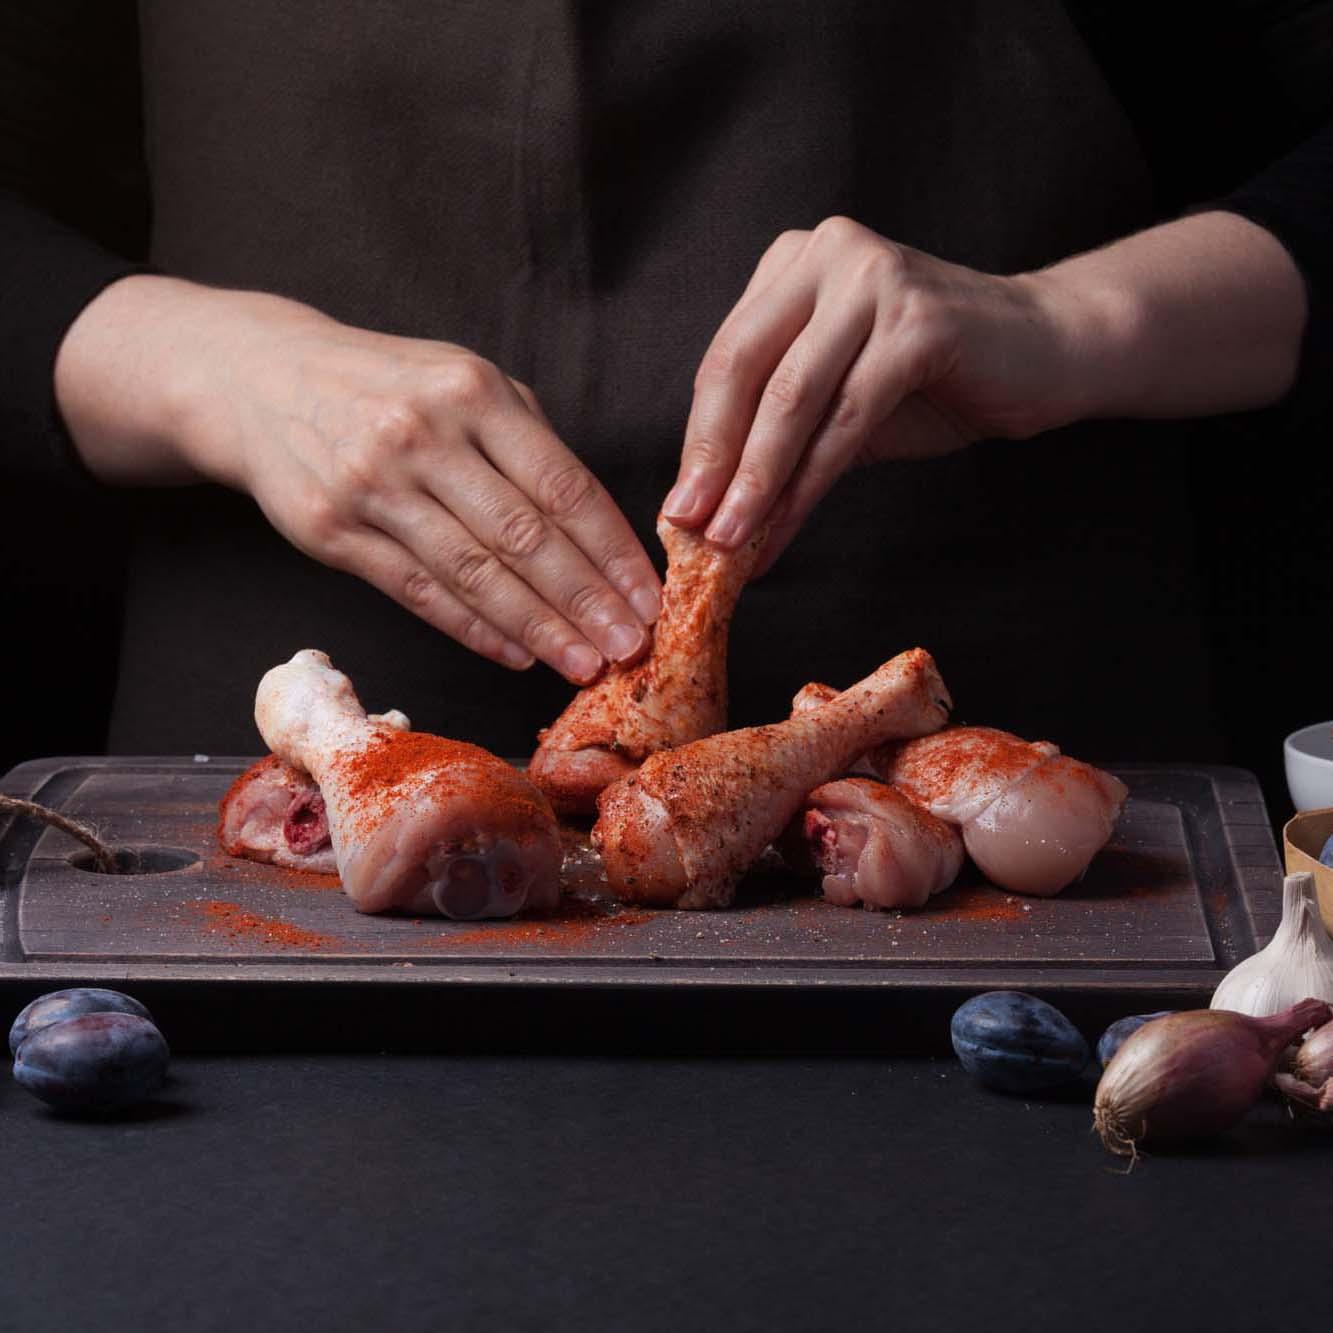 Woman,Chef,Rubs,Salt,With,Fresh,Raw,Chicken,Drumsticks,On